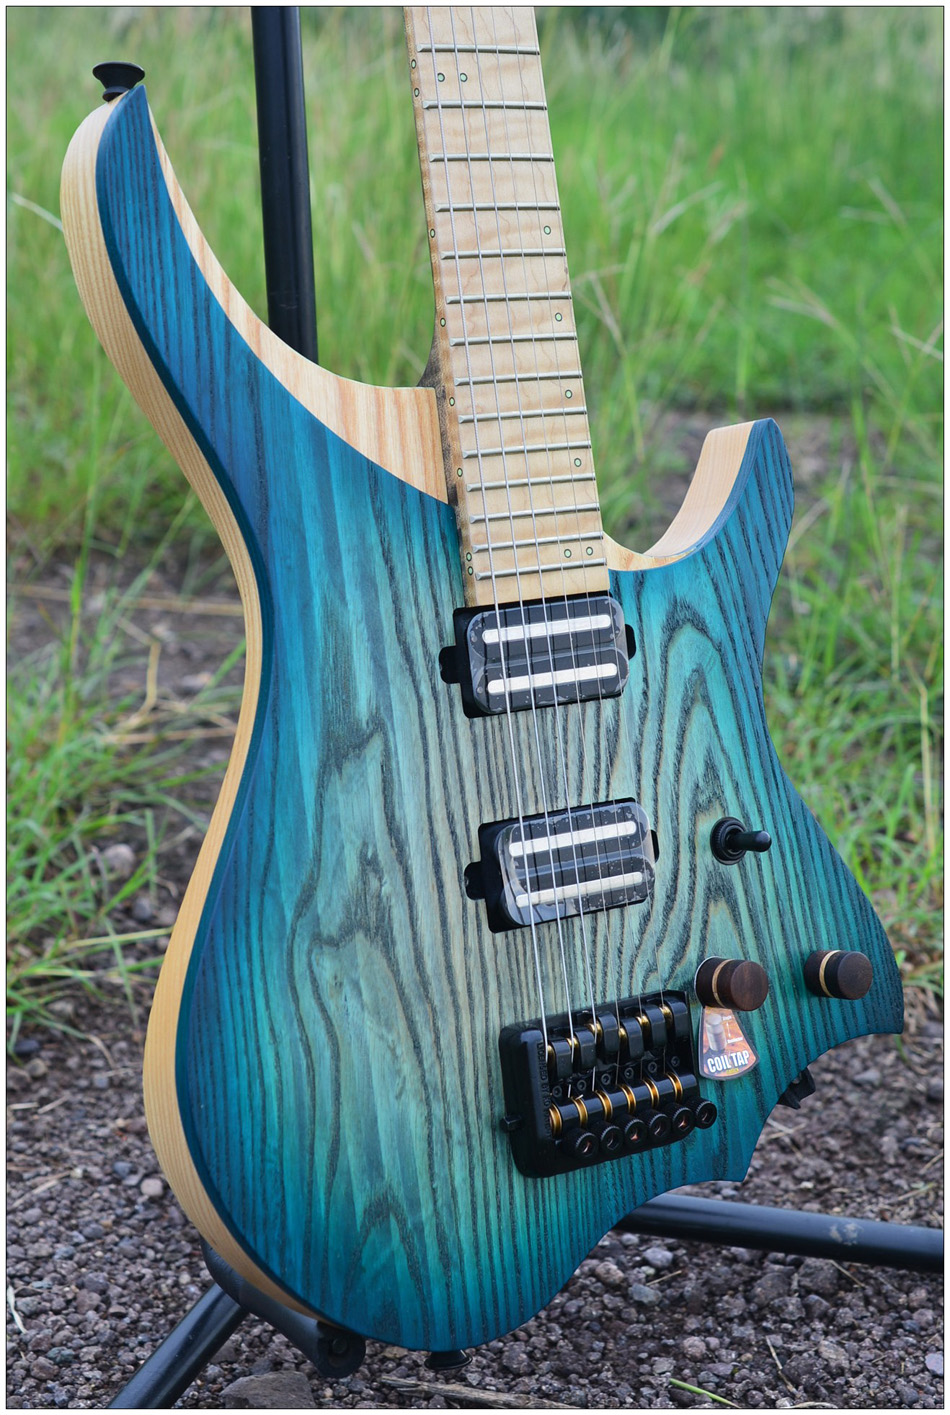 NK Sans Tête Guitare Électrique steinberger style Modèle Blue burst Couleur Blanc Flamme manche érable en stock Guitare livraison gratuite